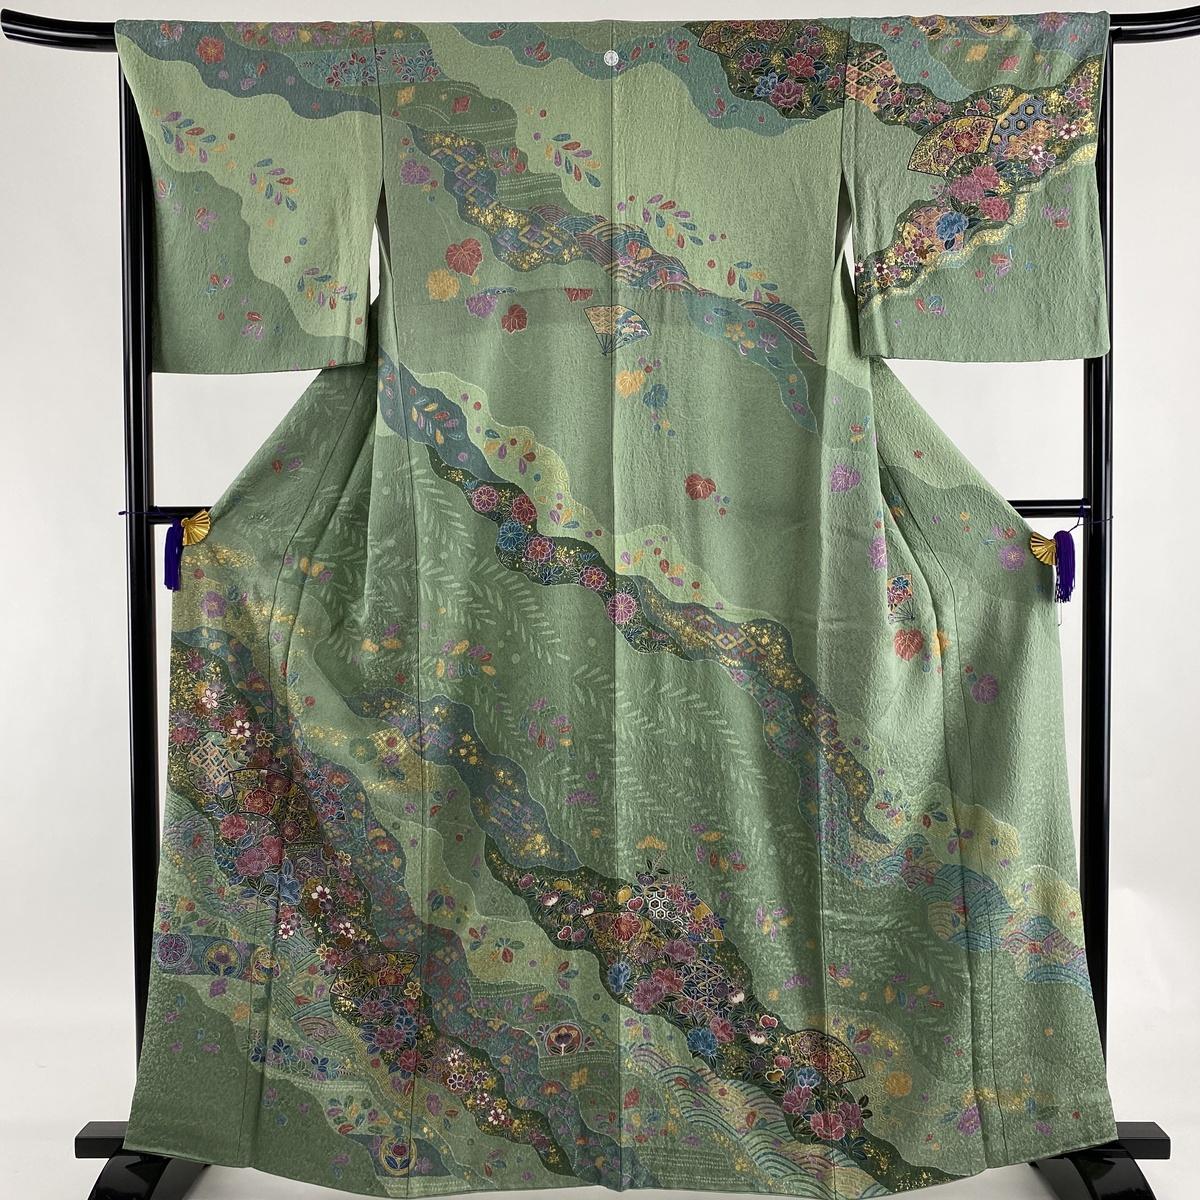 ランクA 着物 リサイクル 送料無料 訪問着 美品 秀品 一つ紋 賜物 雪輪 扇 正絹 M 中古 66cm 162cm 薄緑 袷 金彩 当店は最高な サービスを提供します